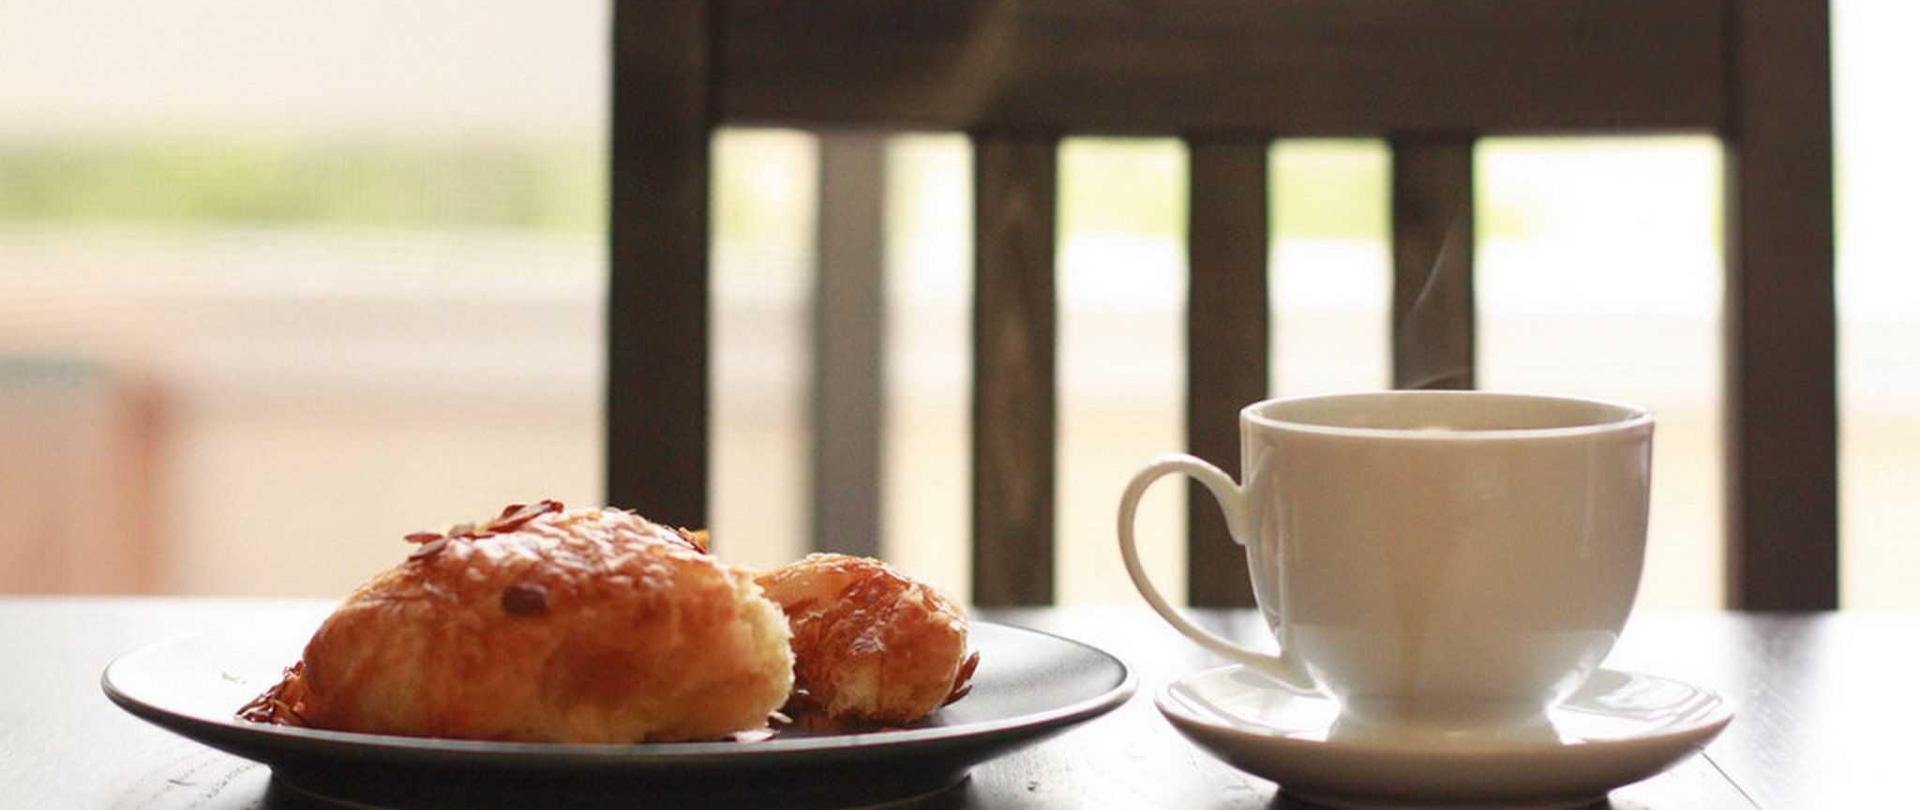 breakfast-2-vdo-2.jpg